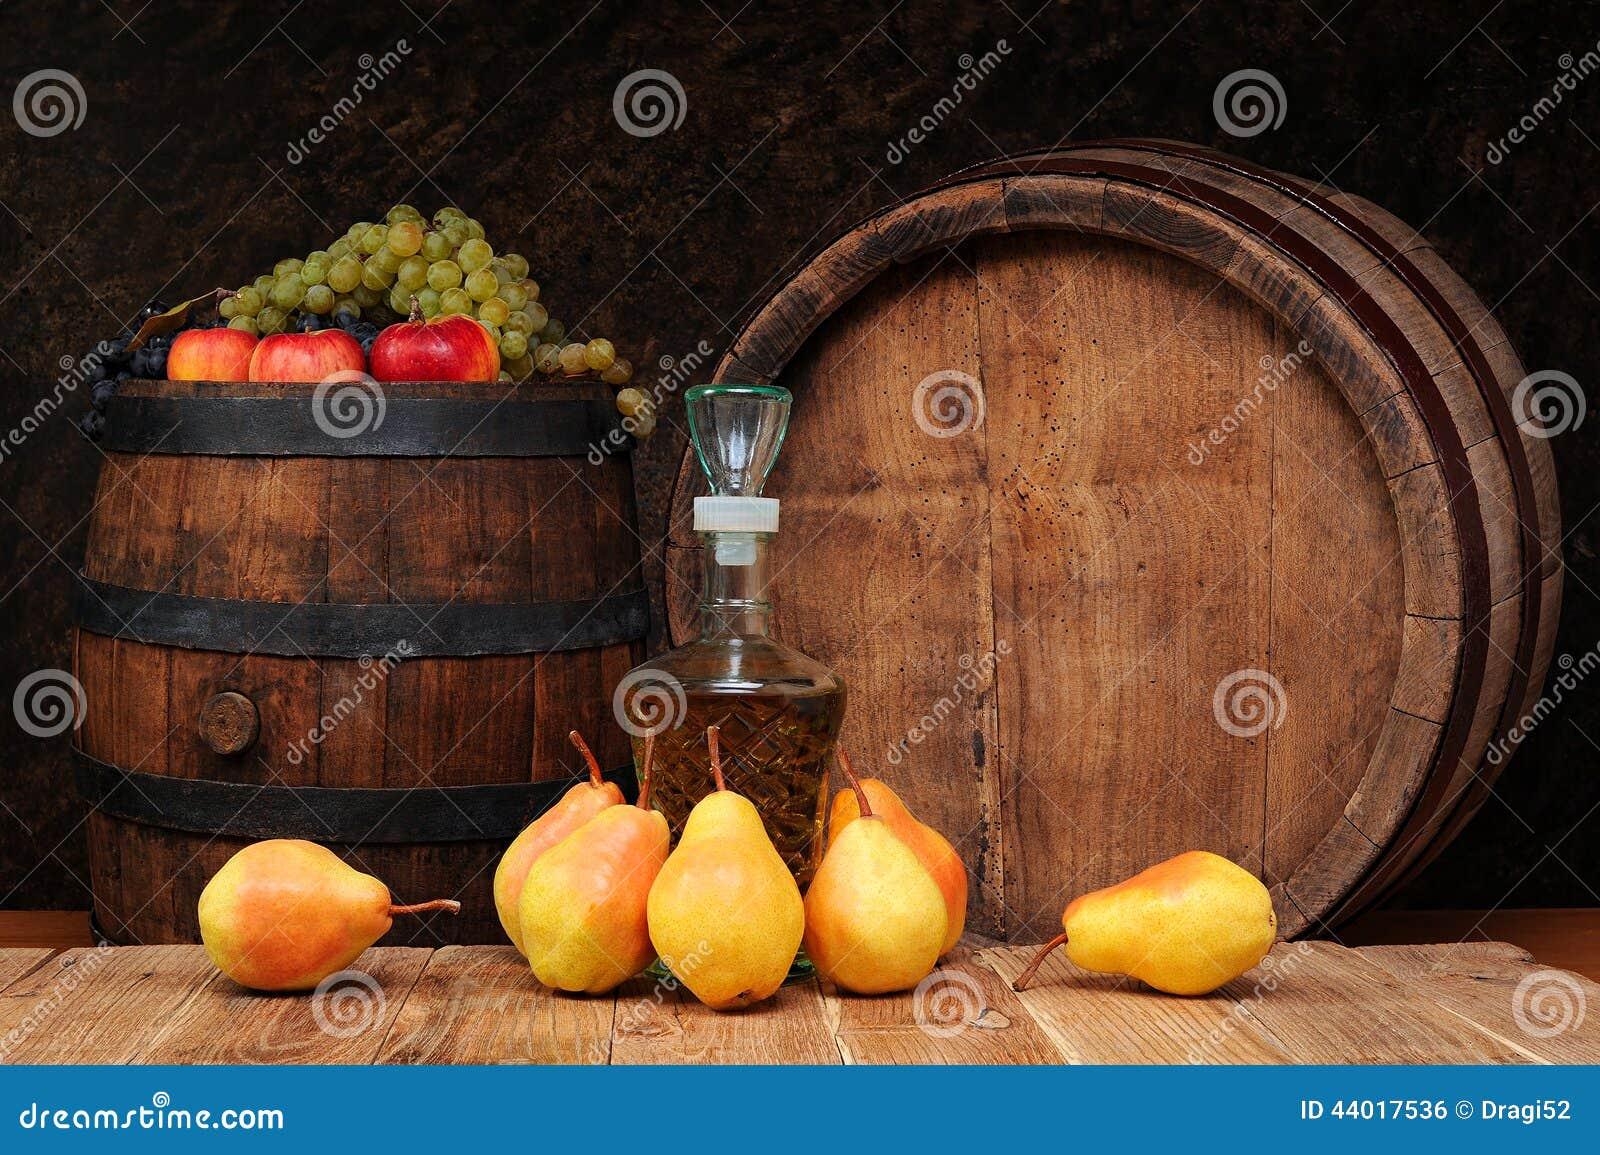 Груши, деревянный бочонок и бутылка рябиновки